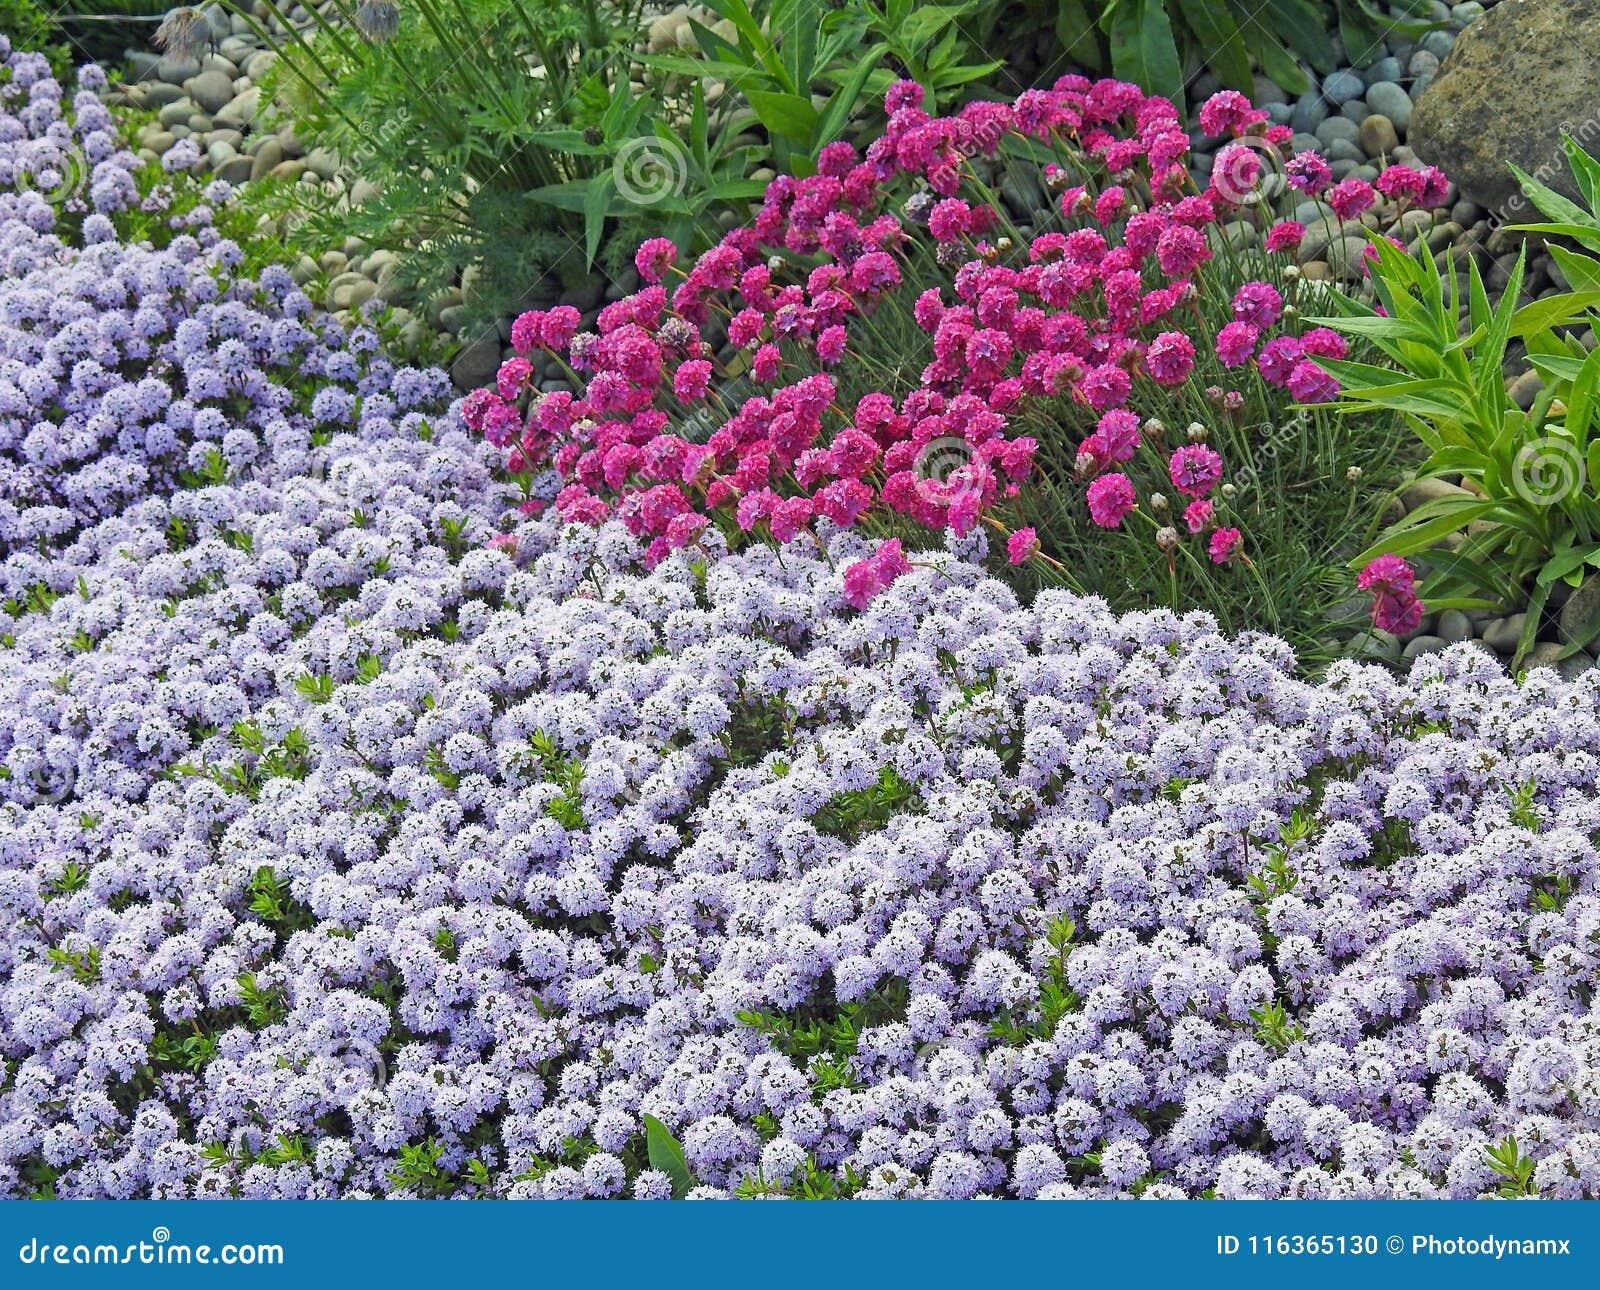 Ahorro Natural De Las Plantas Del Jardin De Flores Salvajes Foto De - Plantas-de-jardin-con-flores